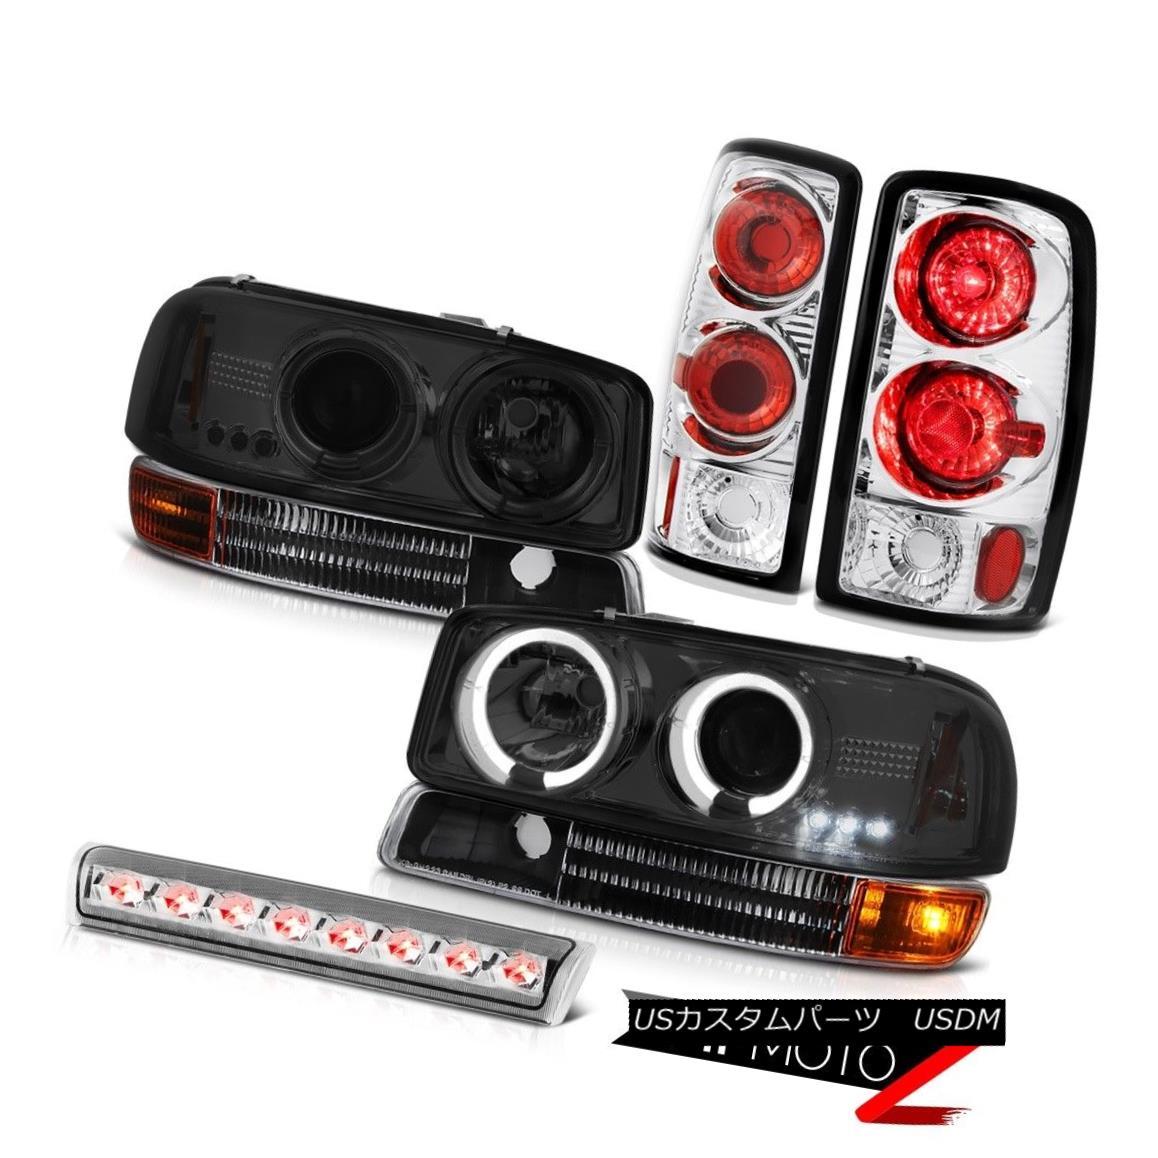 テールライト 00-06 Yukon XL Vortec Headlights Projector Angel Eye Black Tail Lights High Stop 00-06ユーコンXLボルテックヘッドライトプロジェクターエンジェルアイブラックテールライトハイストップ